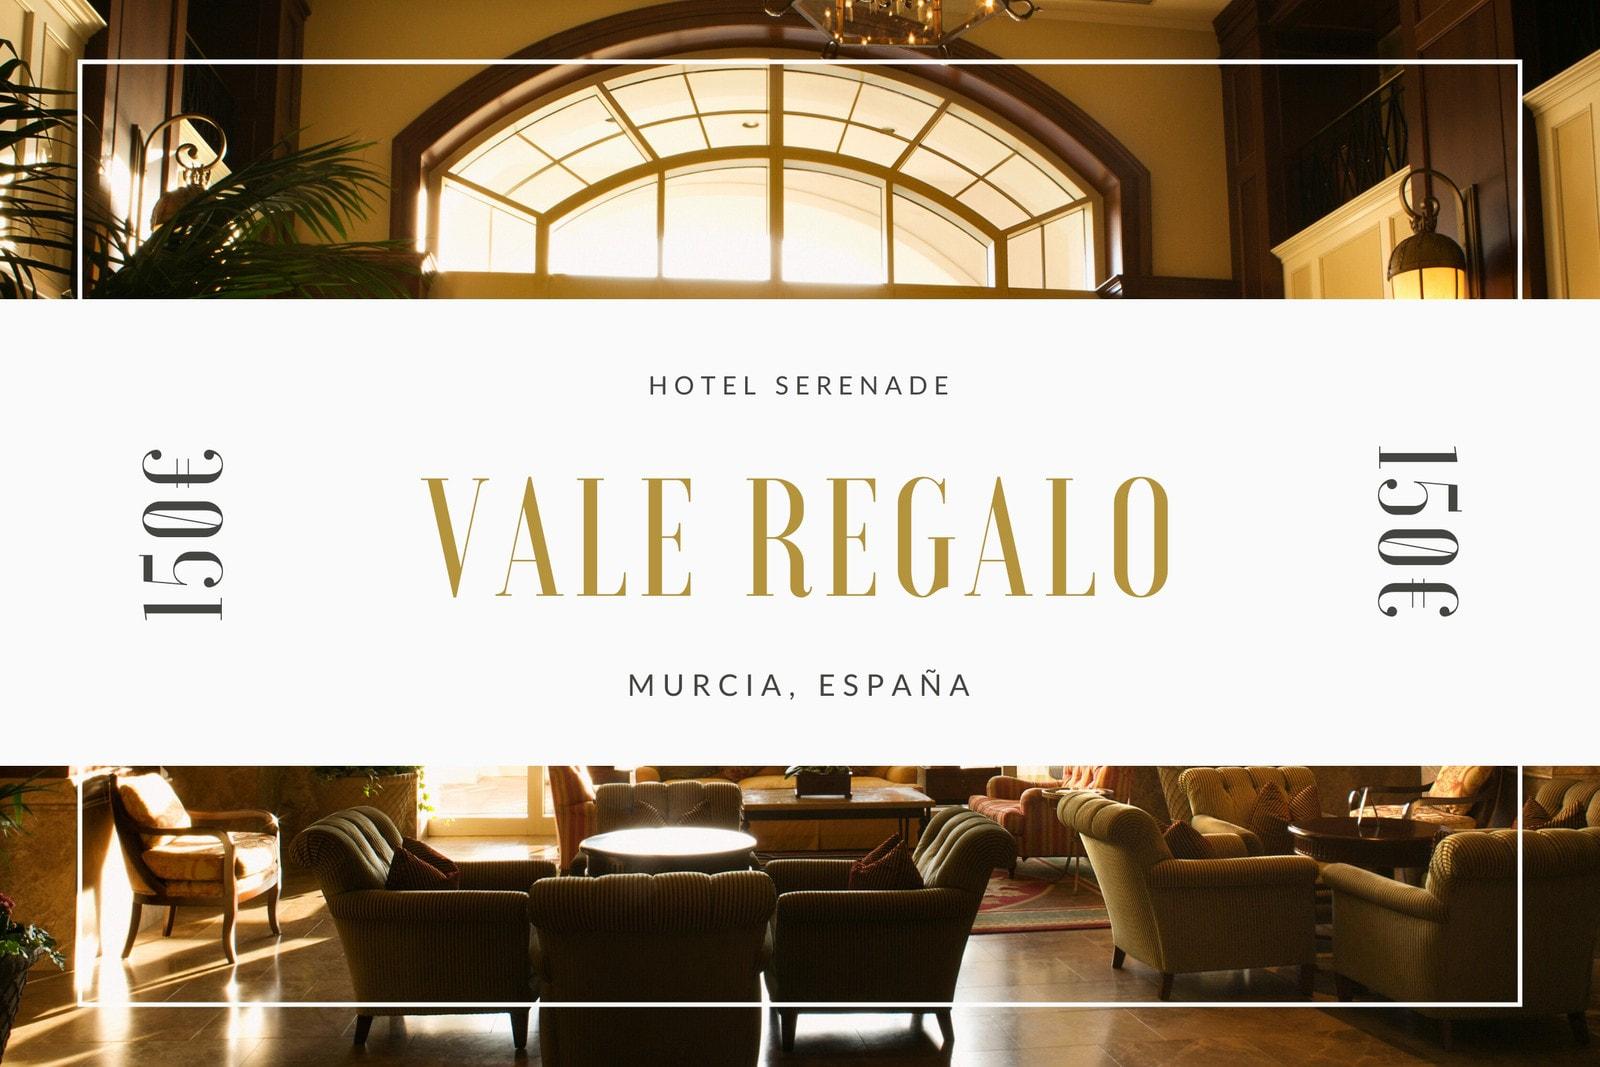 Marrón Foto Moderna Borde Hotel Vale Regalo